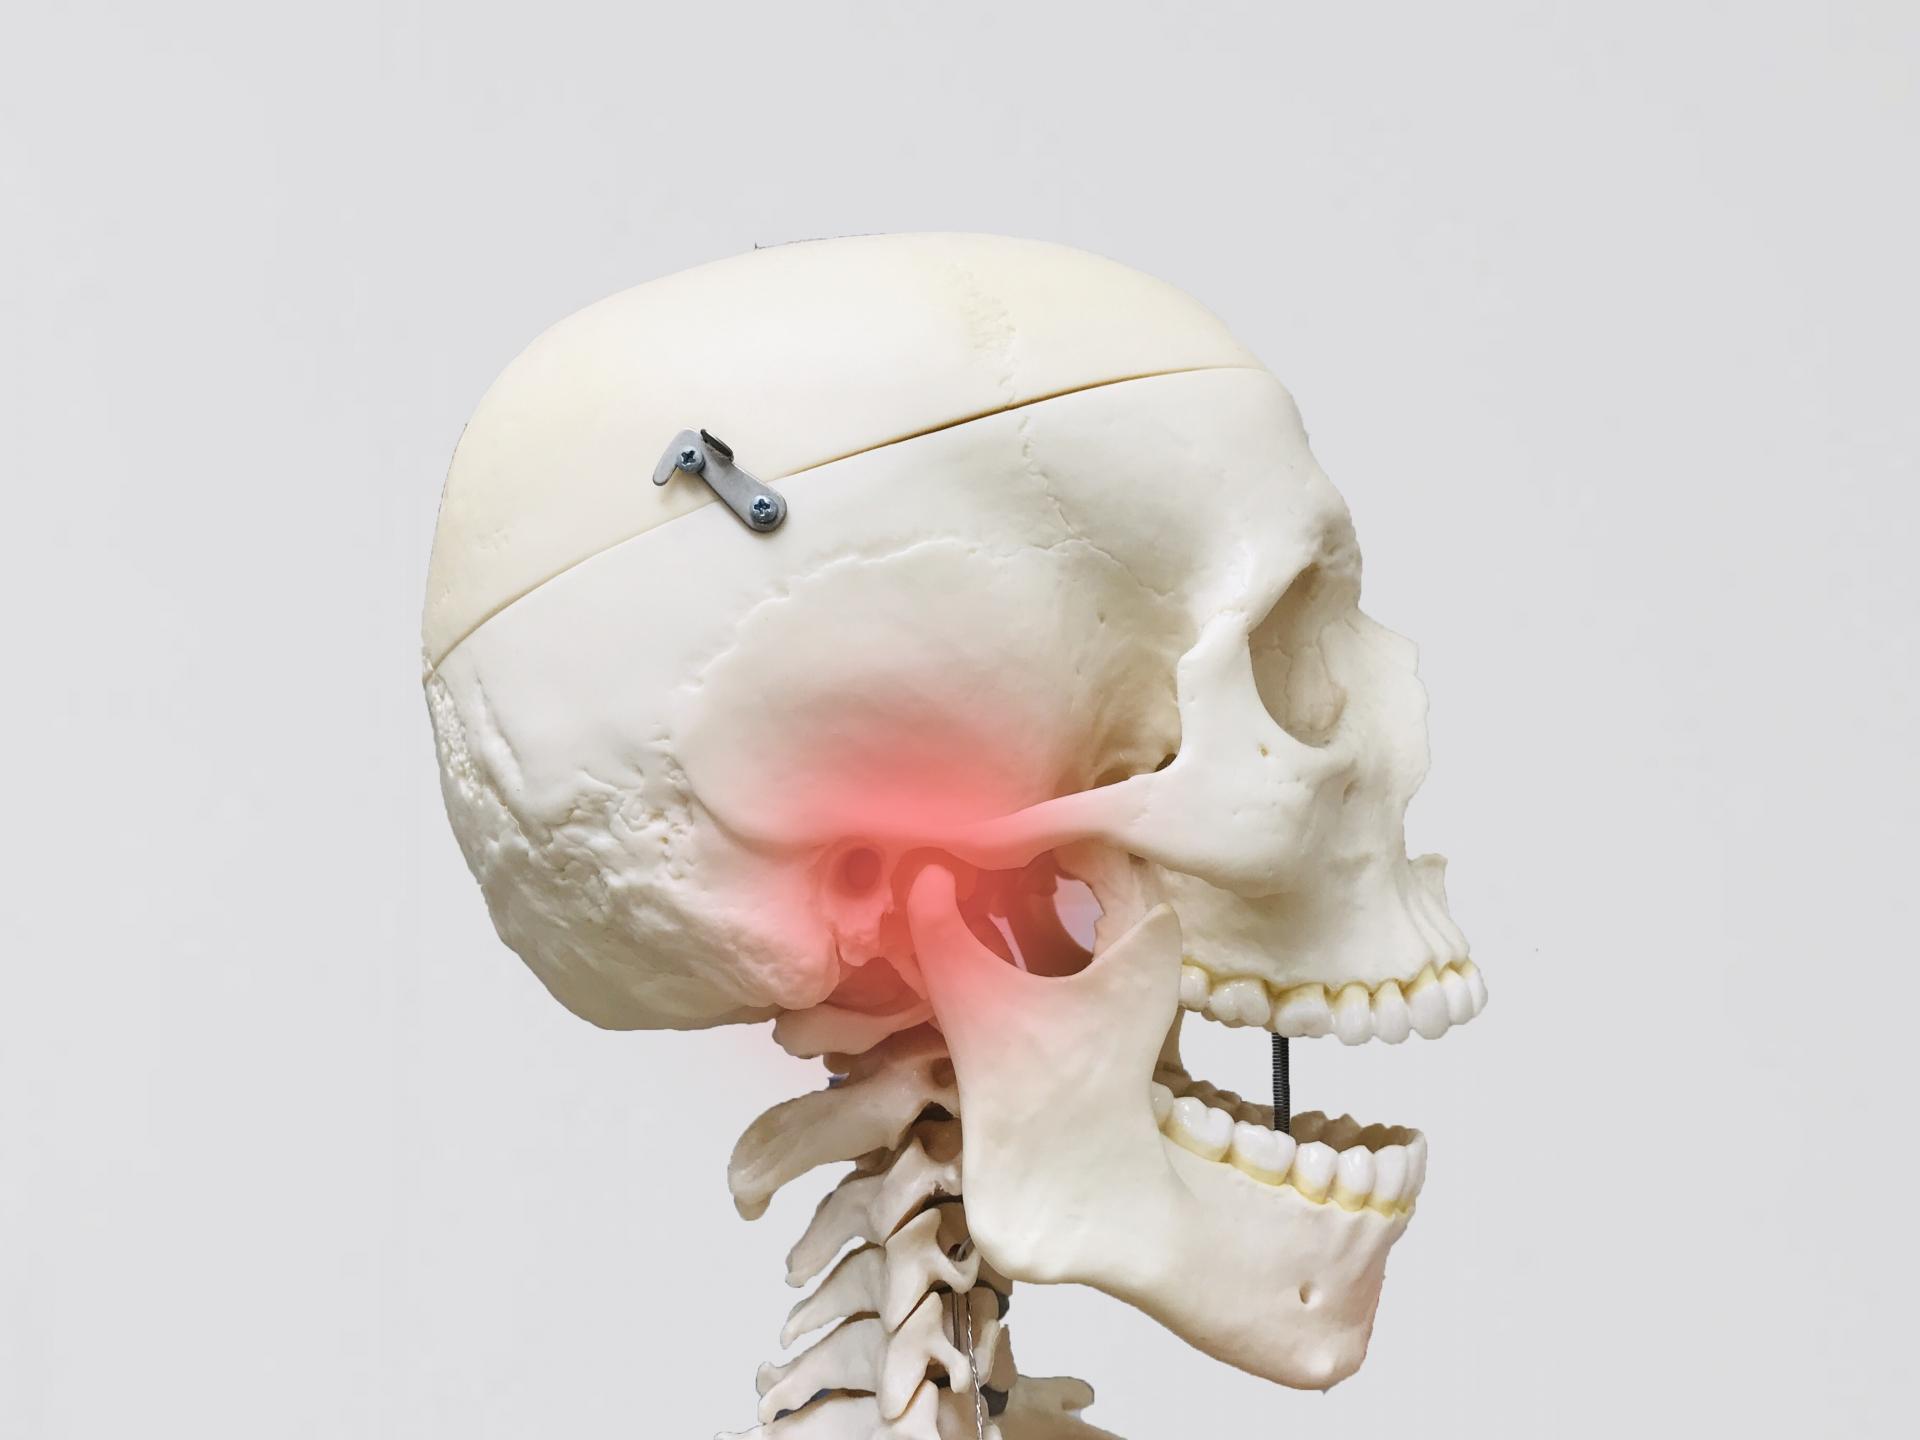 顎に負担がかかると顎関節症になりやすい